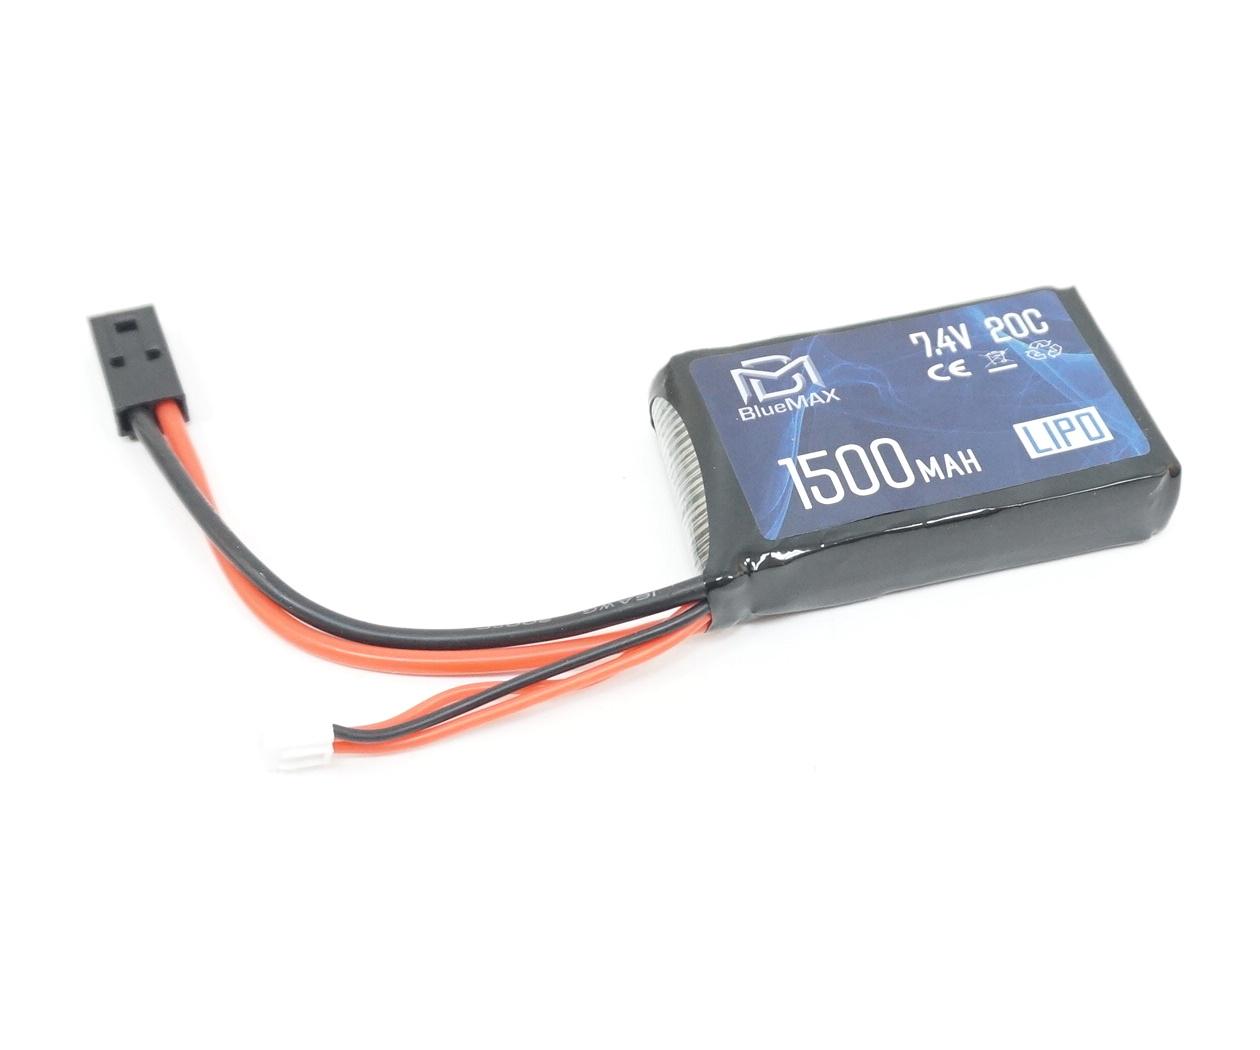 Аккумулятор BlueMAX Li-Po 7.4V 1500mah 20C, 65x43x16 мм (стик) для PEQ/AN-15